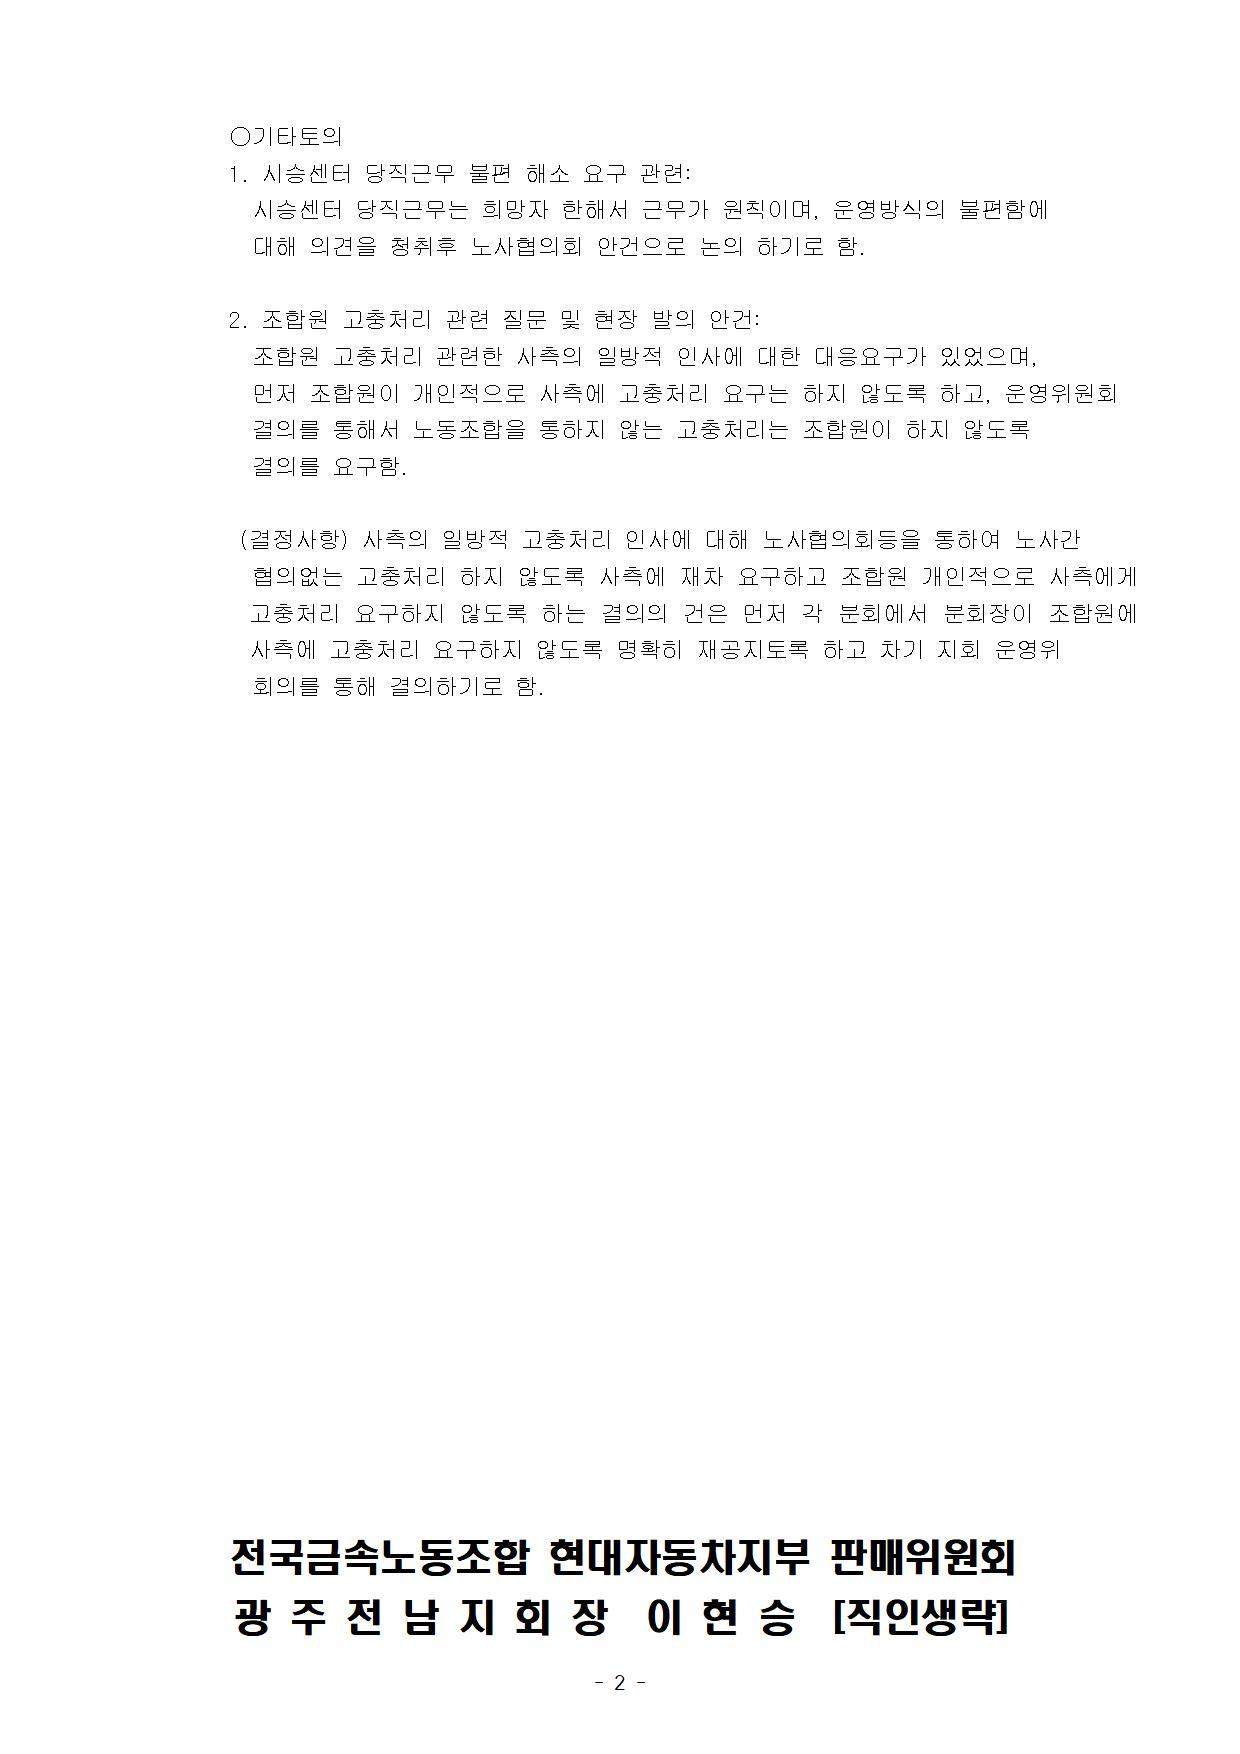 (32-09-12) 32-5차 지회 투쟁대책위원회 결과 공문002.jpg